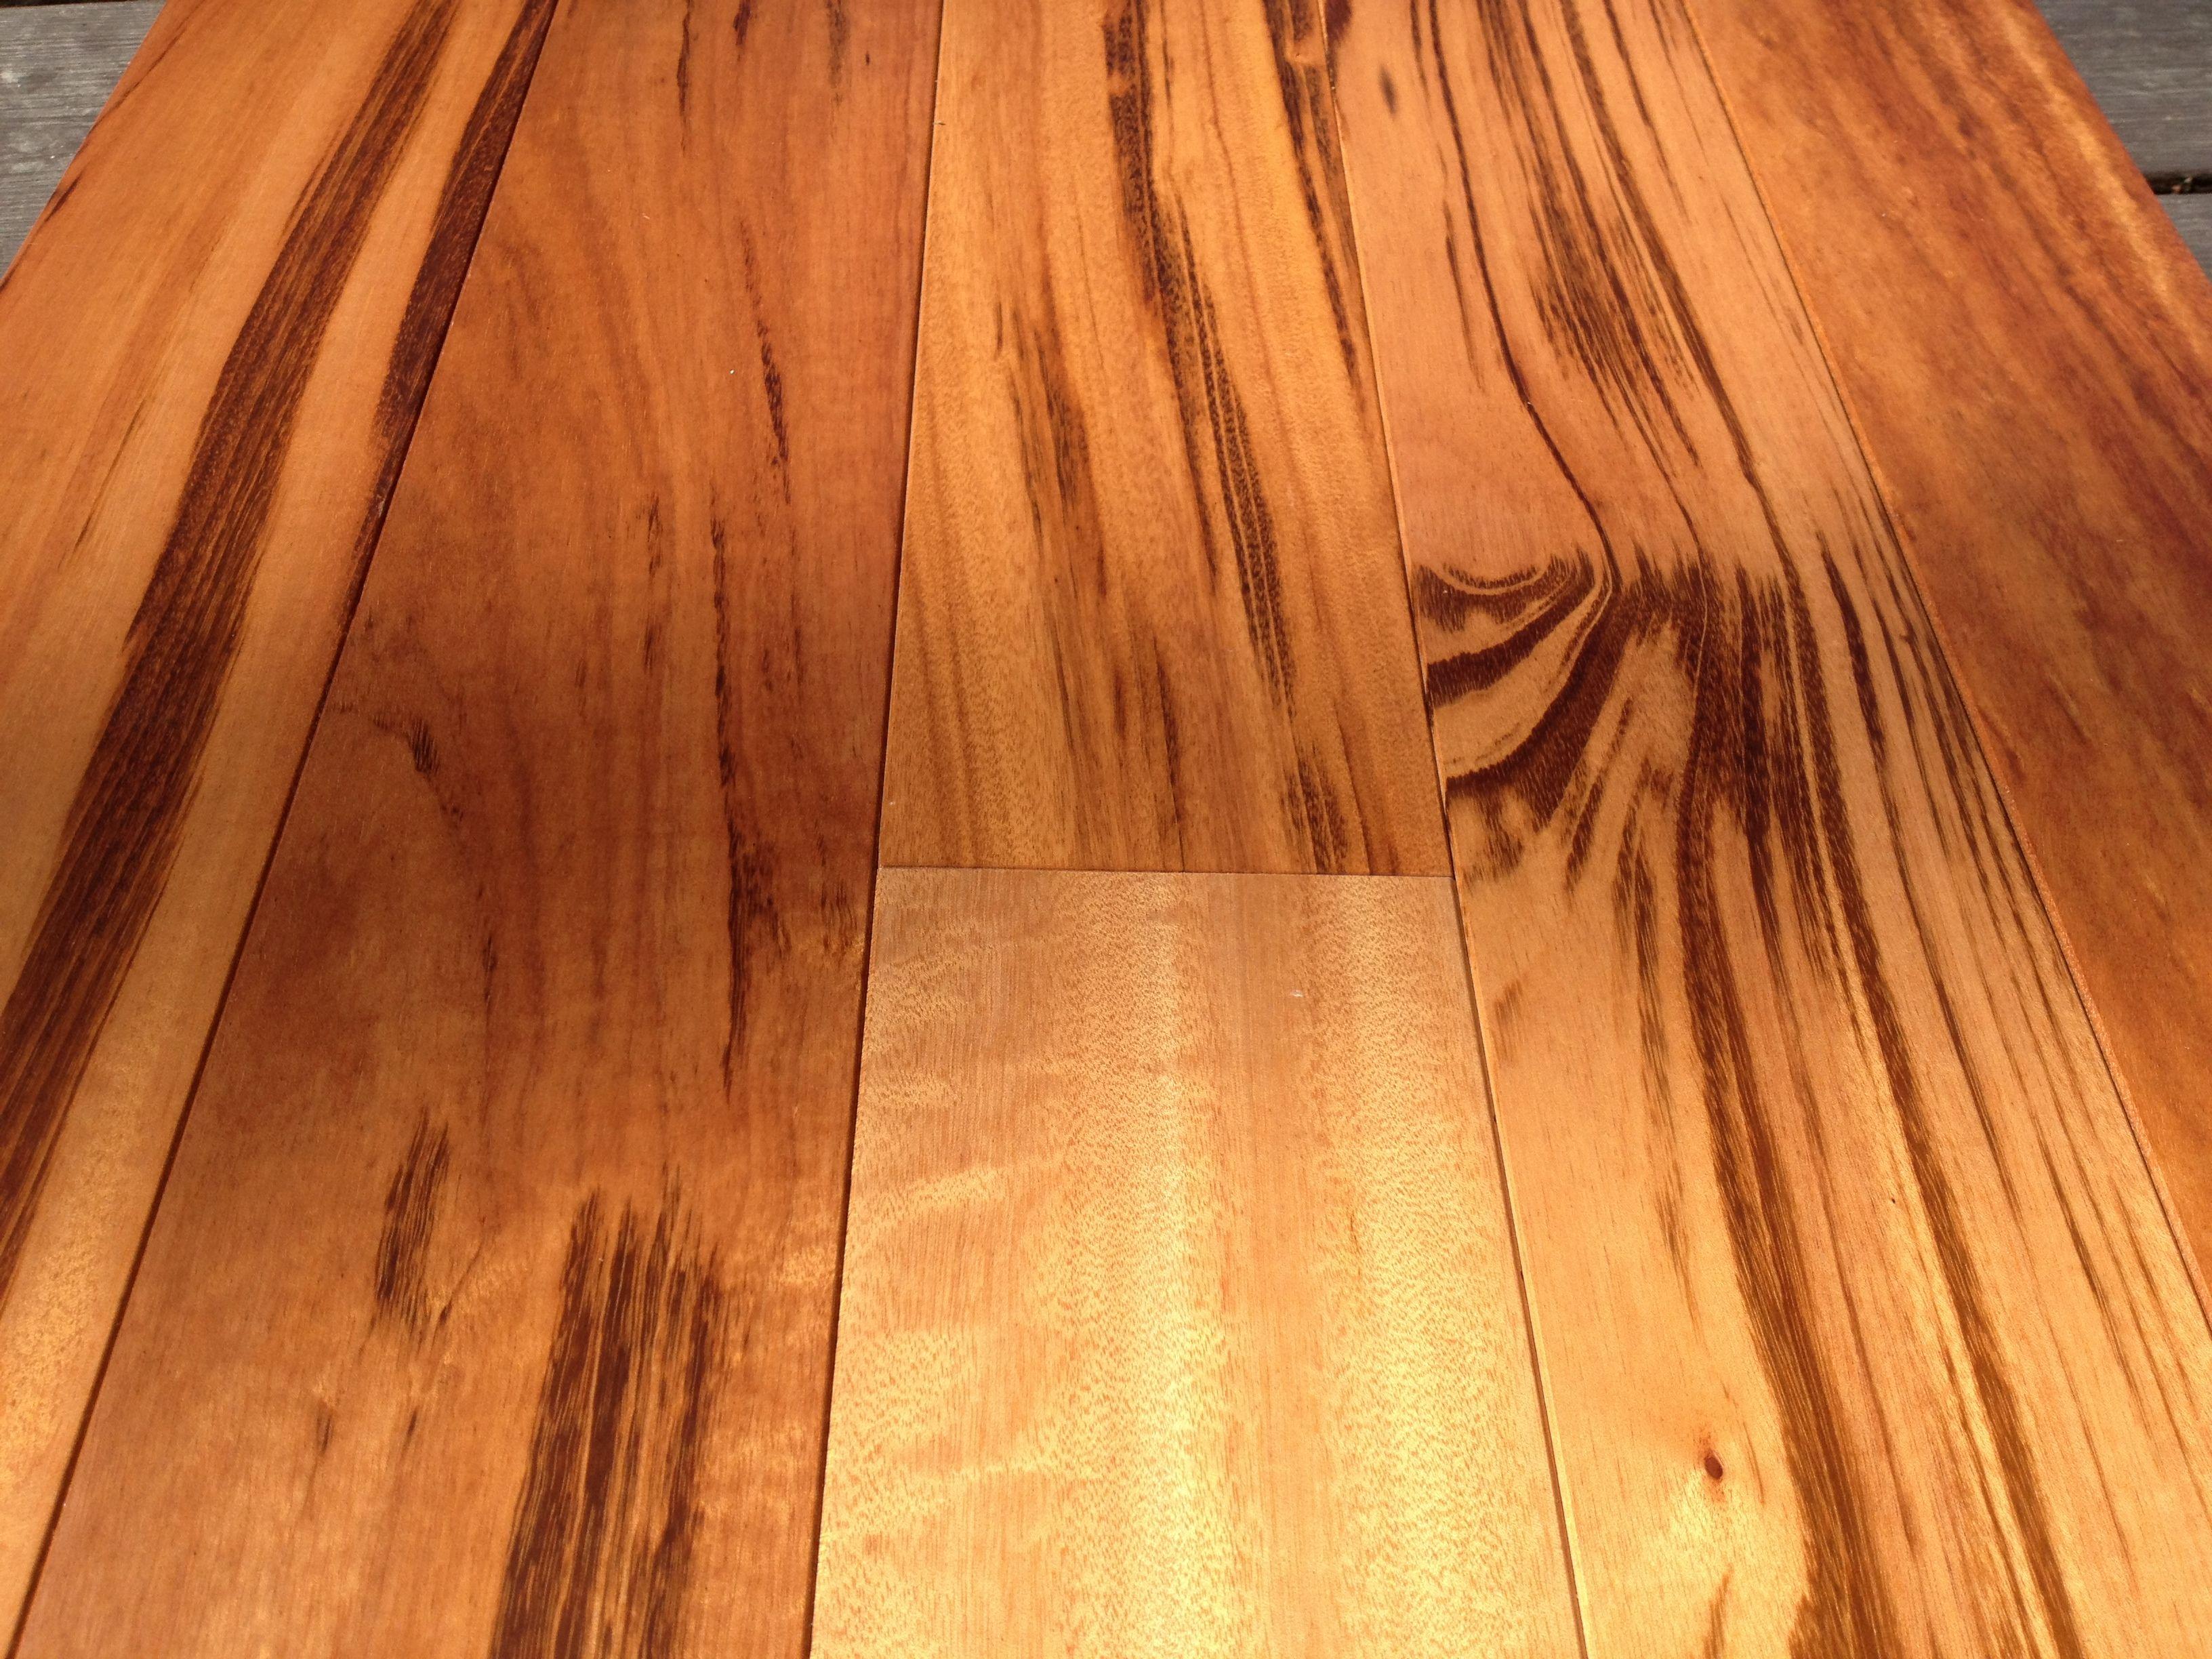 Tigerwood hardwood flooring unfinished exotic for Exotic hardwood flooring